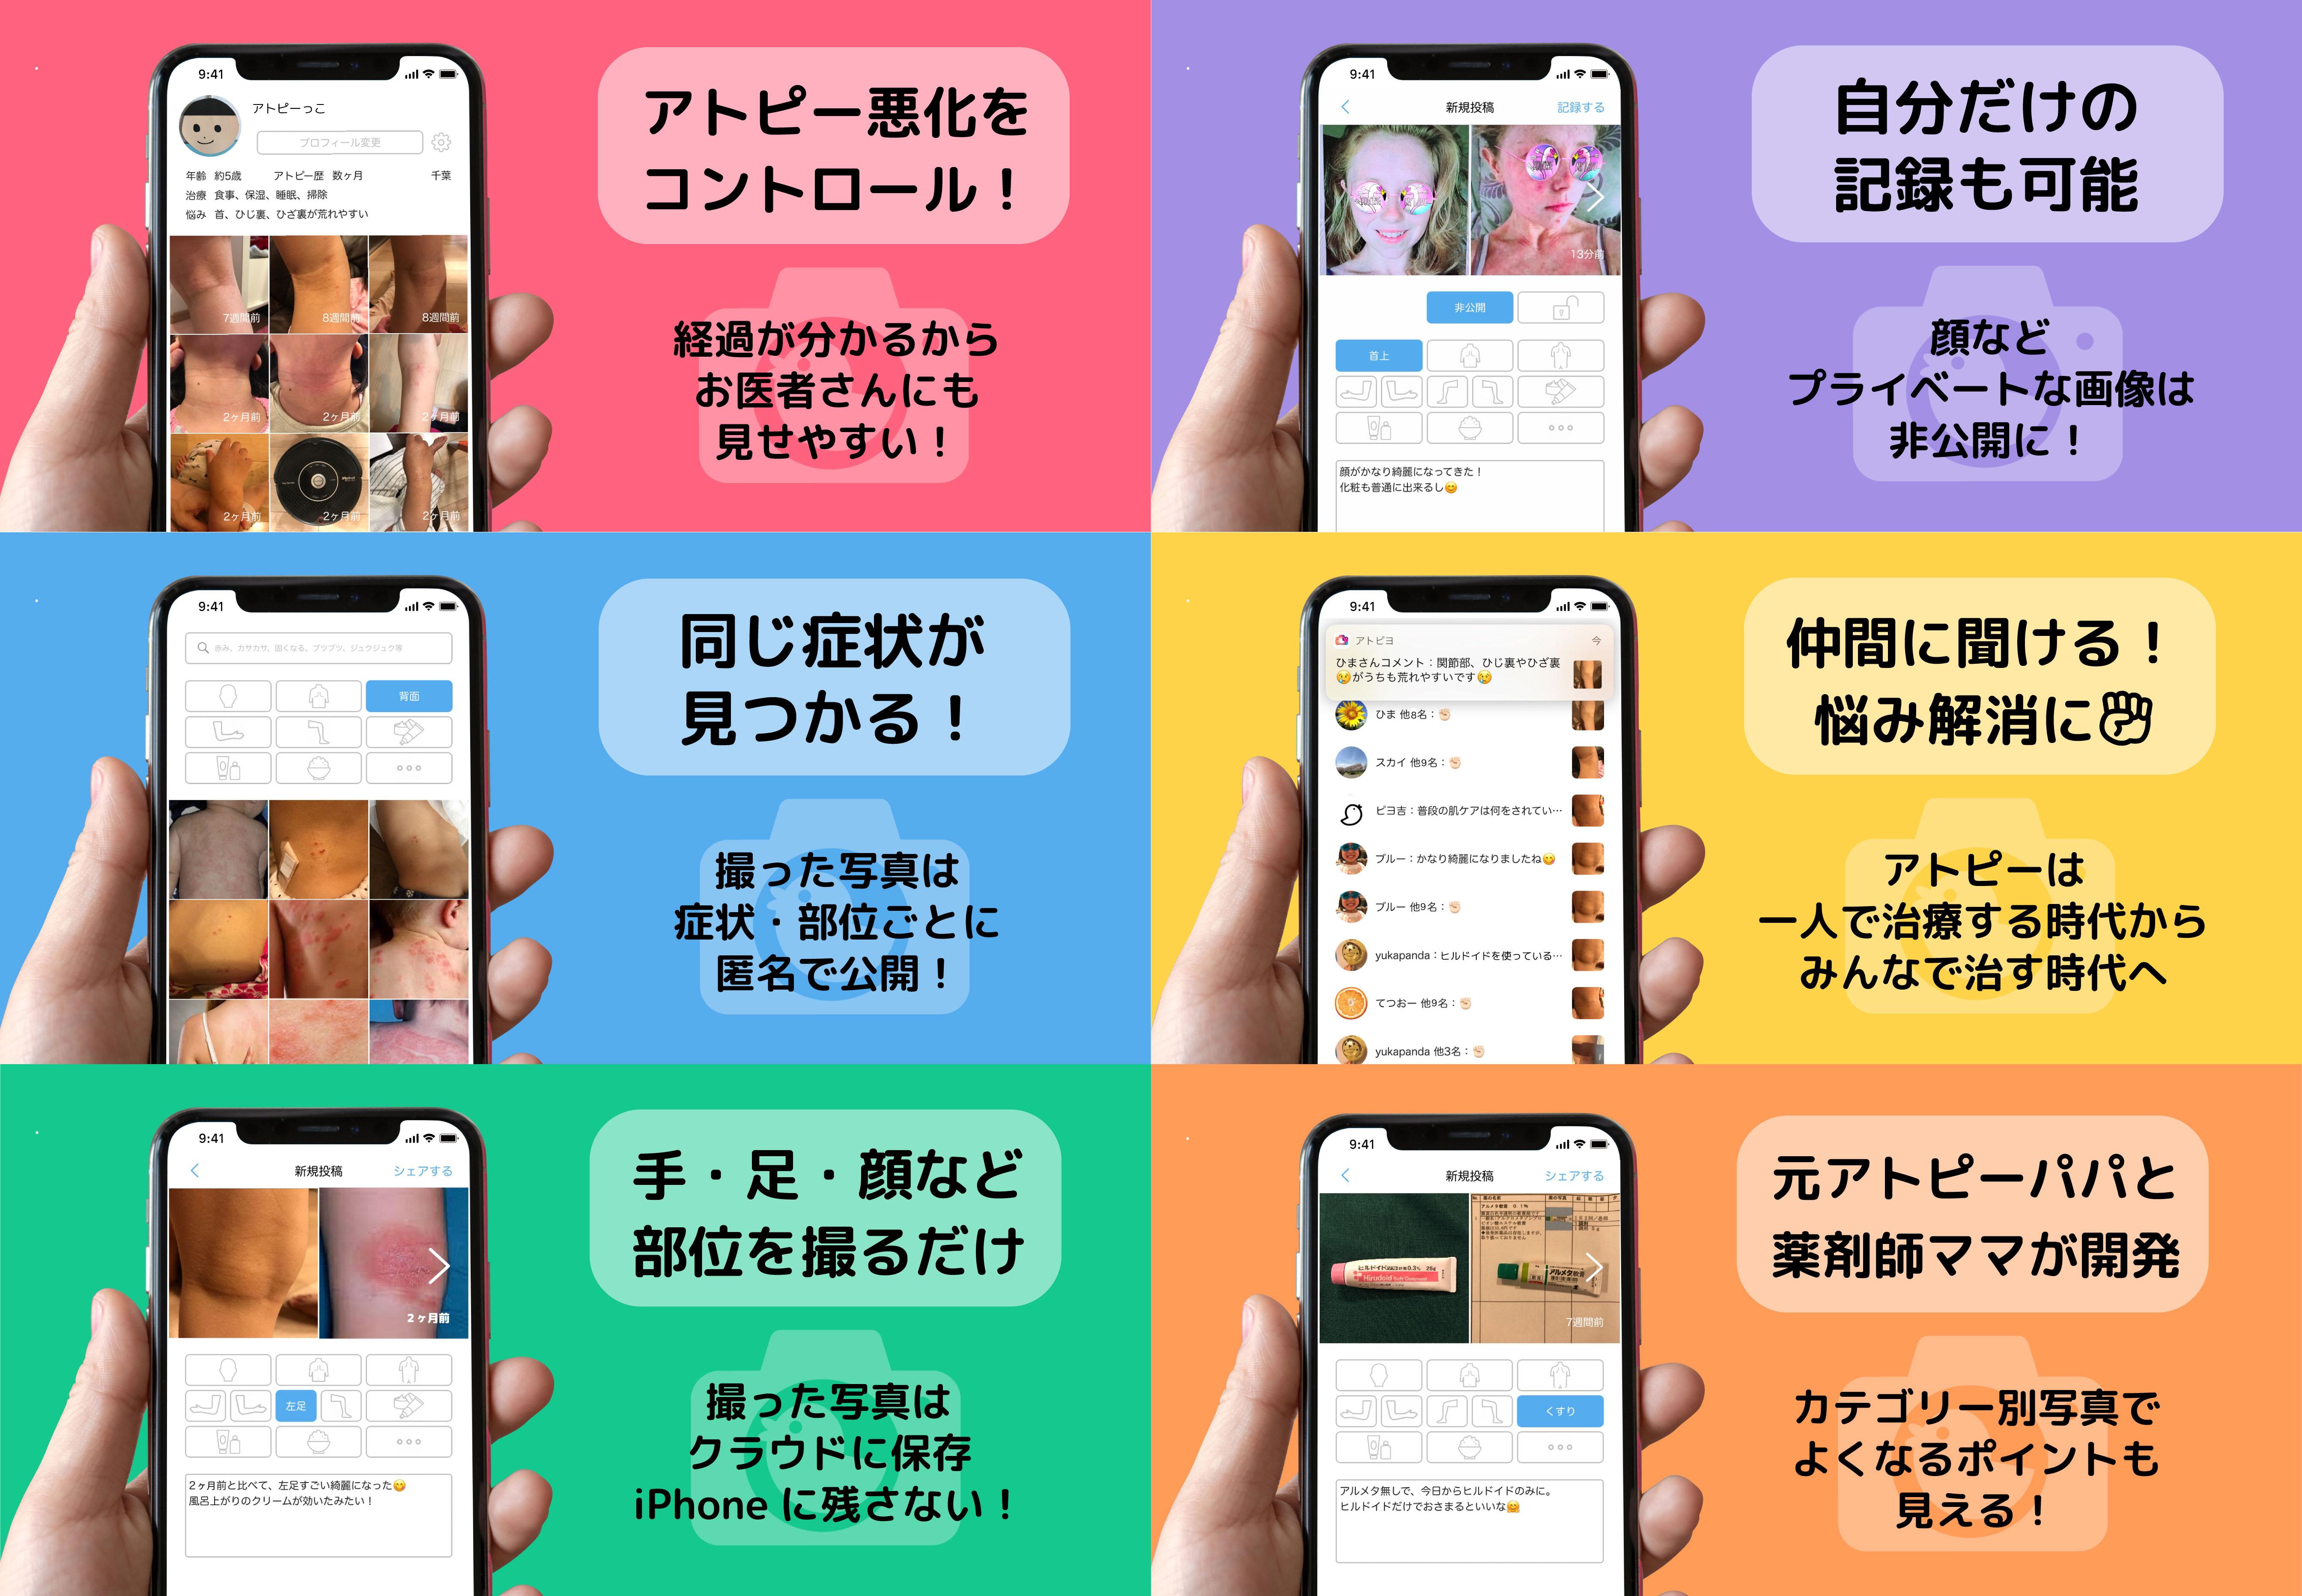 「アトピヨ」画面